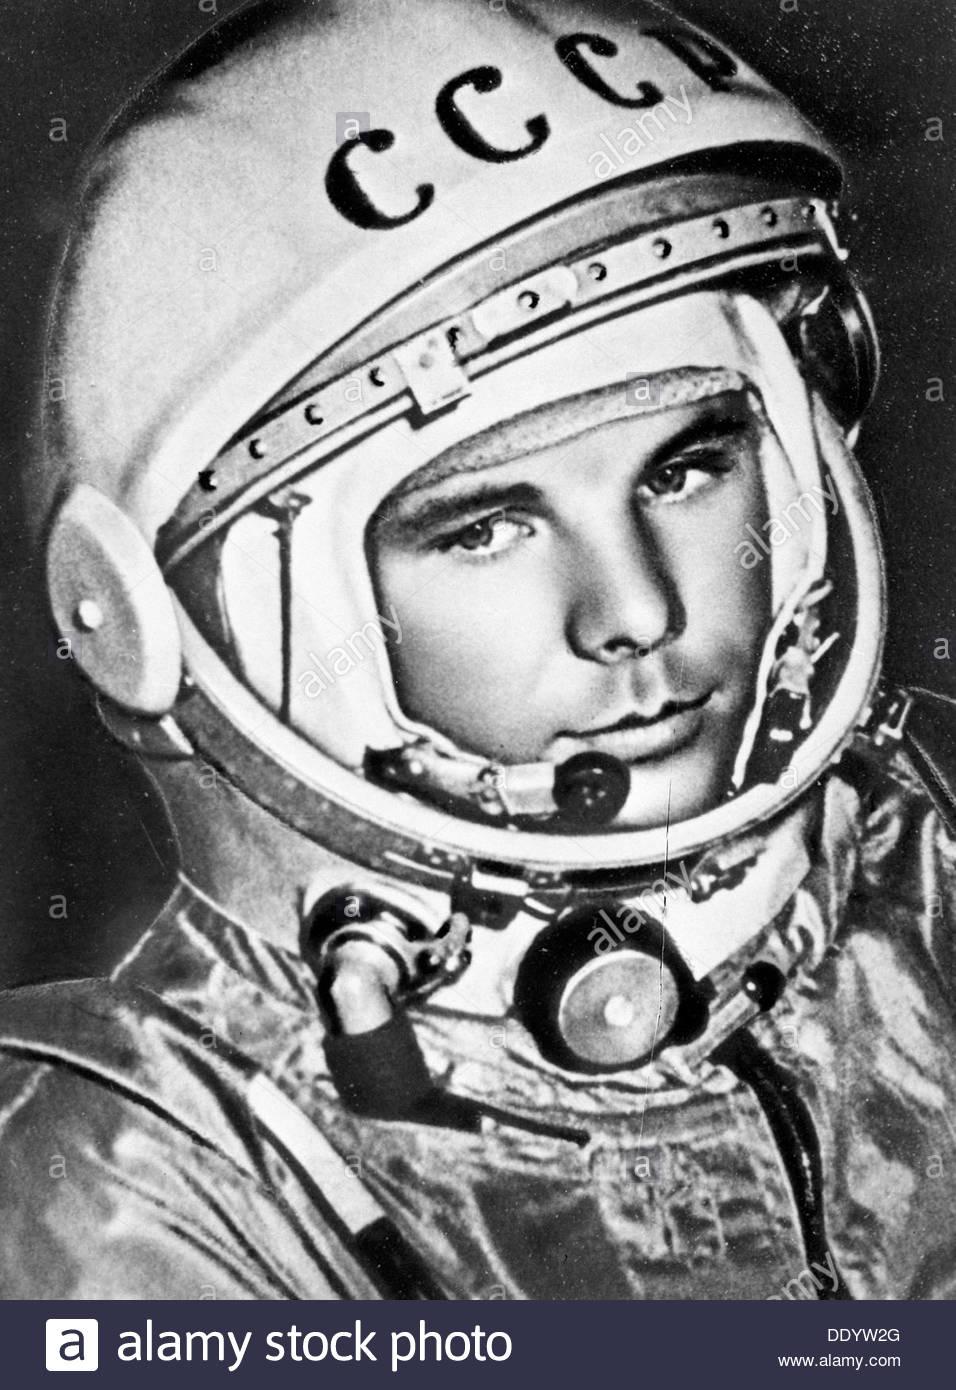 Yuri Gagarin, Russian cosmonaut, 1961. Artist: Anon - Stock Image